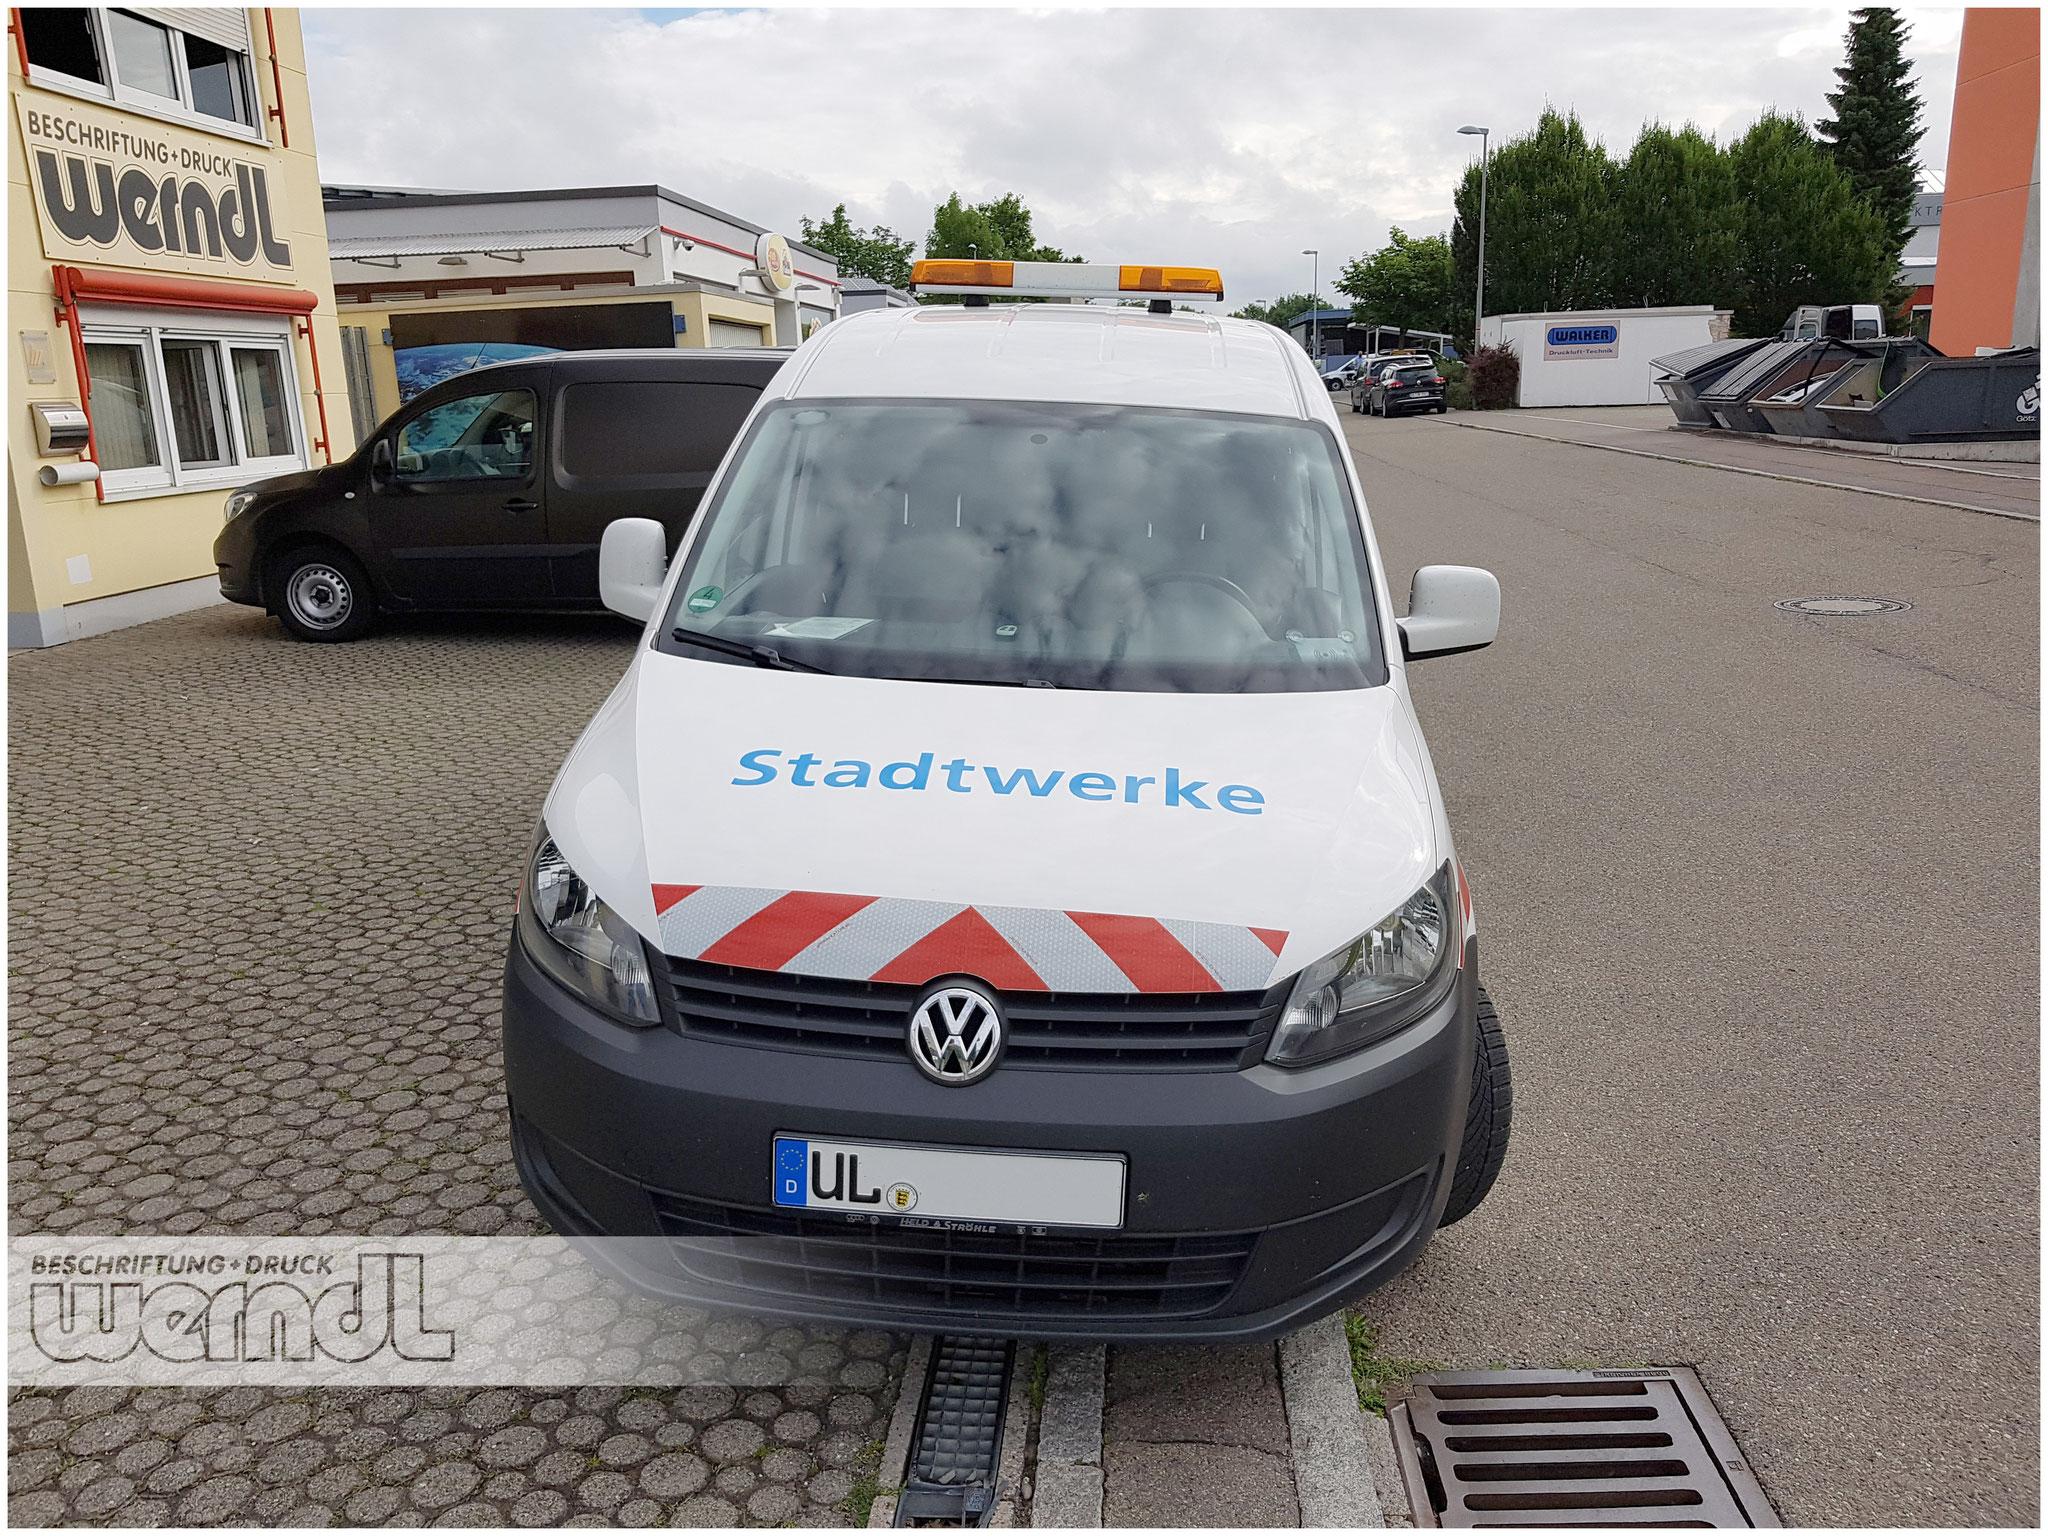 Flottenfolierung für die Stadtwerke Ulm